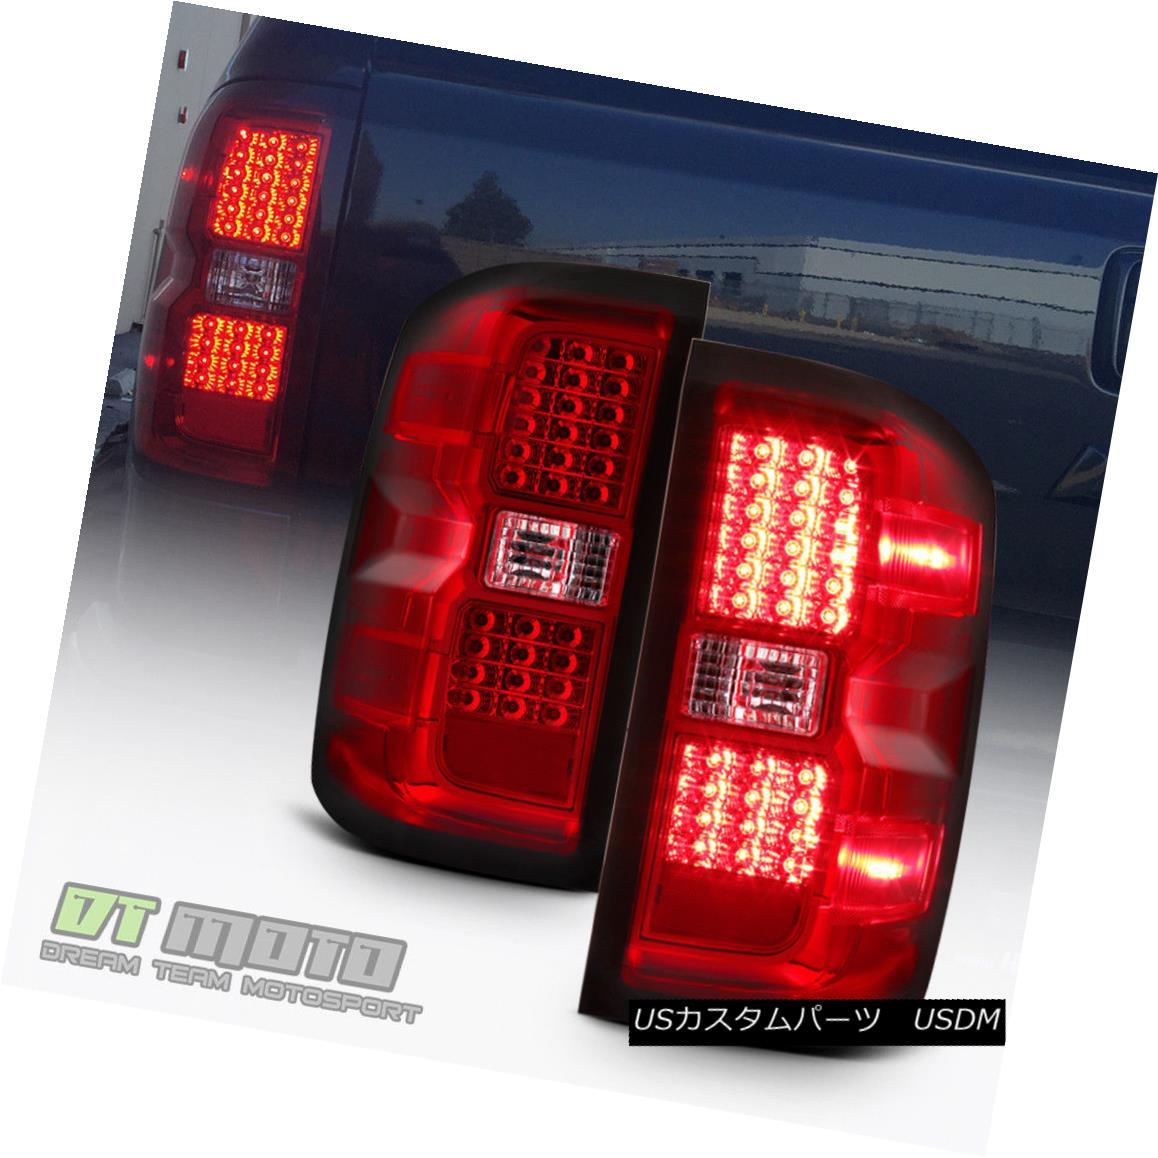 テールライト 2014-2017 Chevy Silverado Exotic Red LED Rear Tail Lights 14-17 Brake Lamps 2014-2017 Chevy Silverado Exotic Red LEDリアテールライト14-17ブレーキランプ